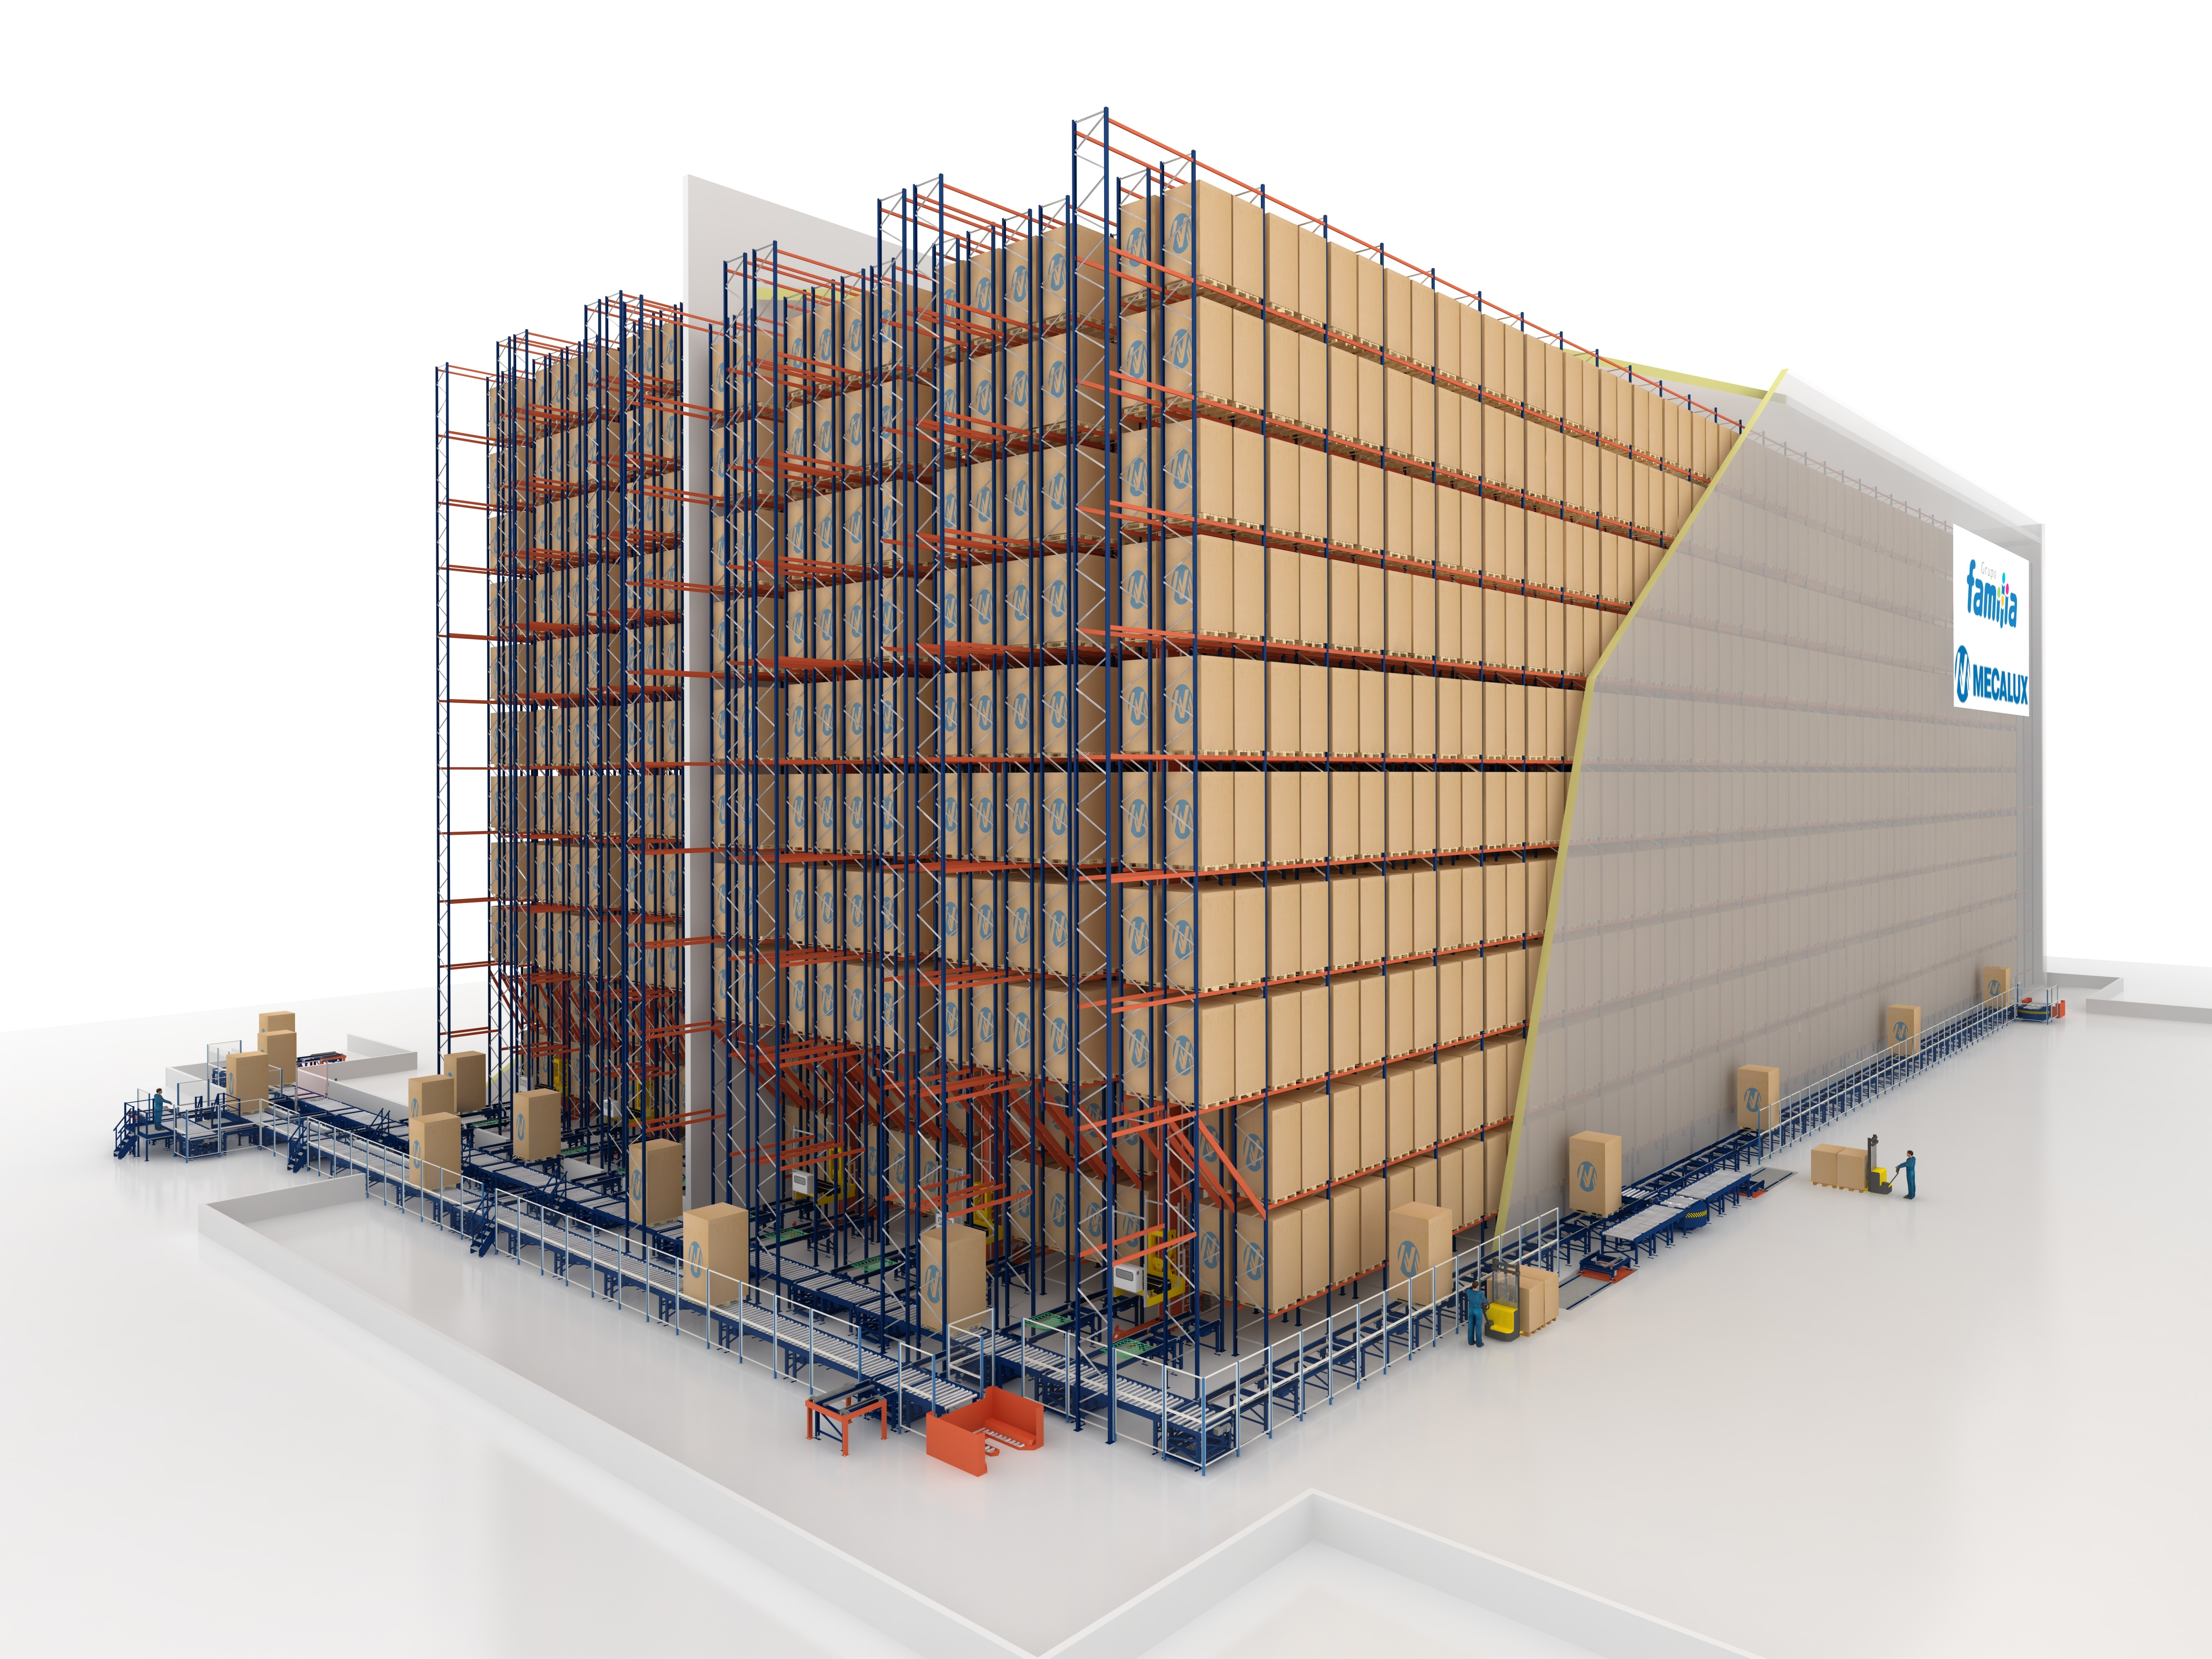 El almacén de Grupo Familia posee una capacidad para alojar 19.000 tarimas